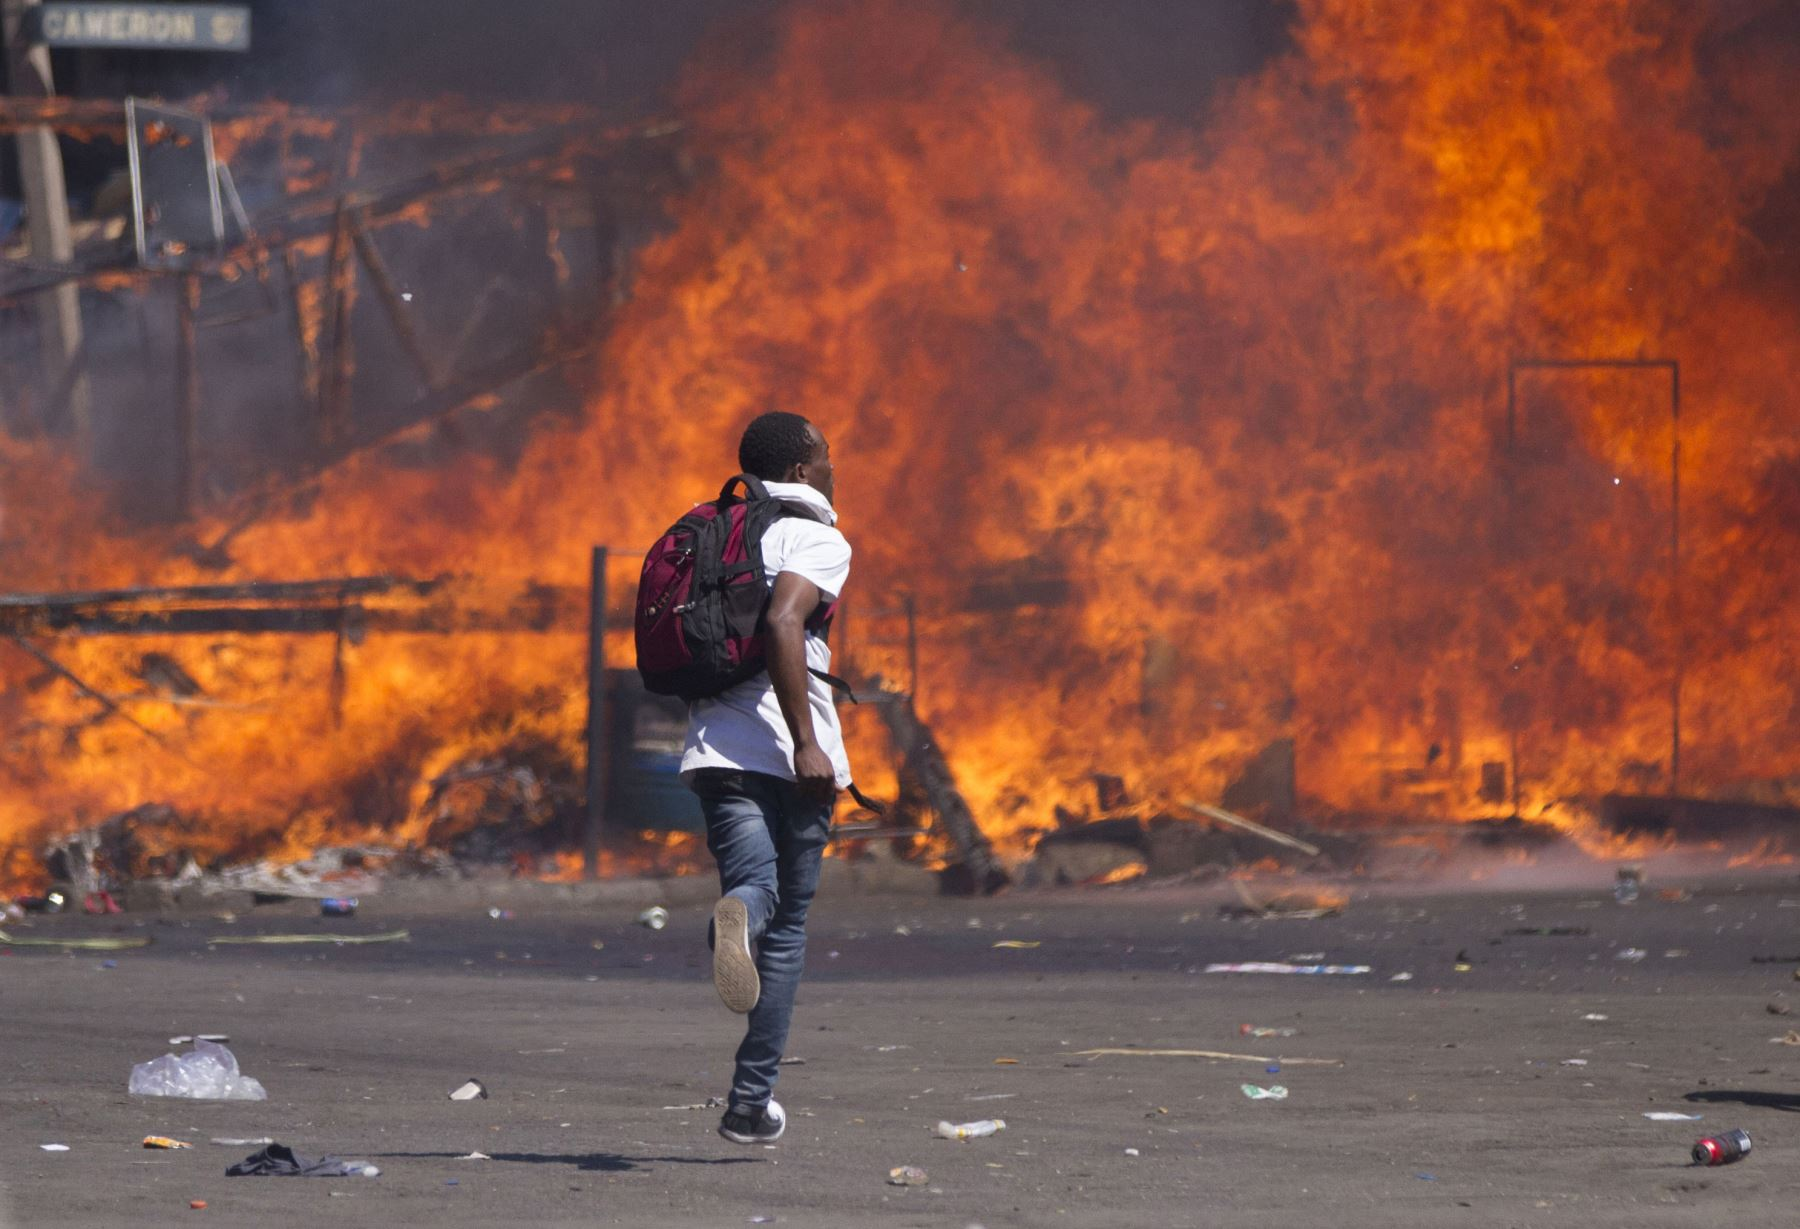 partidarios de la oposición de Zimbabwe establecieron una barricada ardiendo, ya que chocan con la policía durante una protesta por las reformas electorales en  Harare, Zimbabwe. Foto: AFP